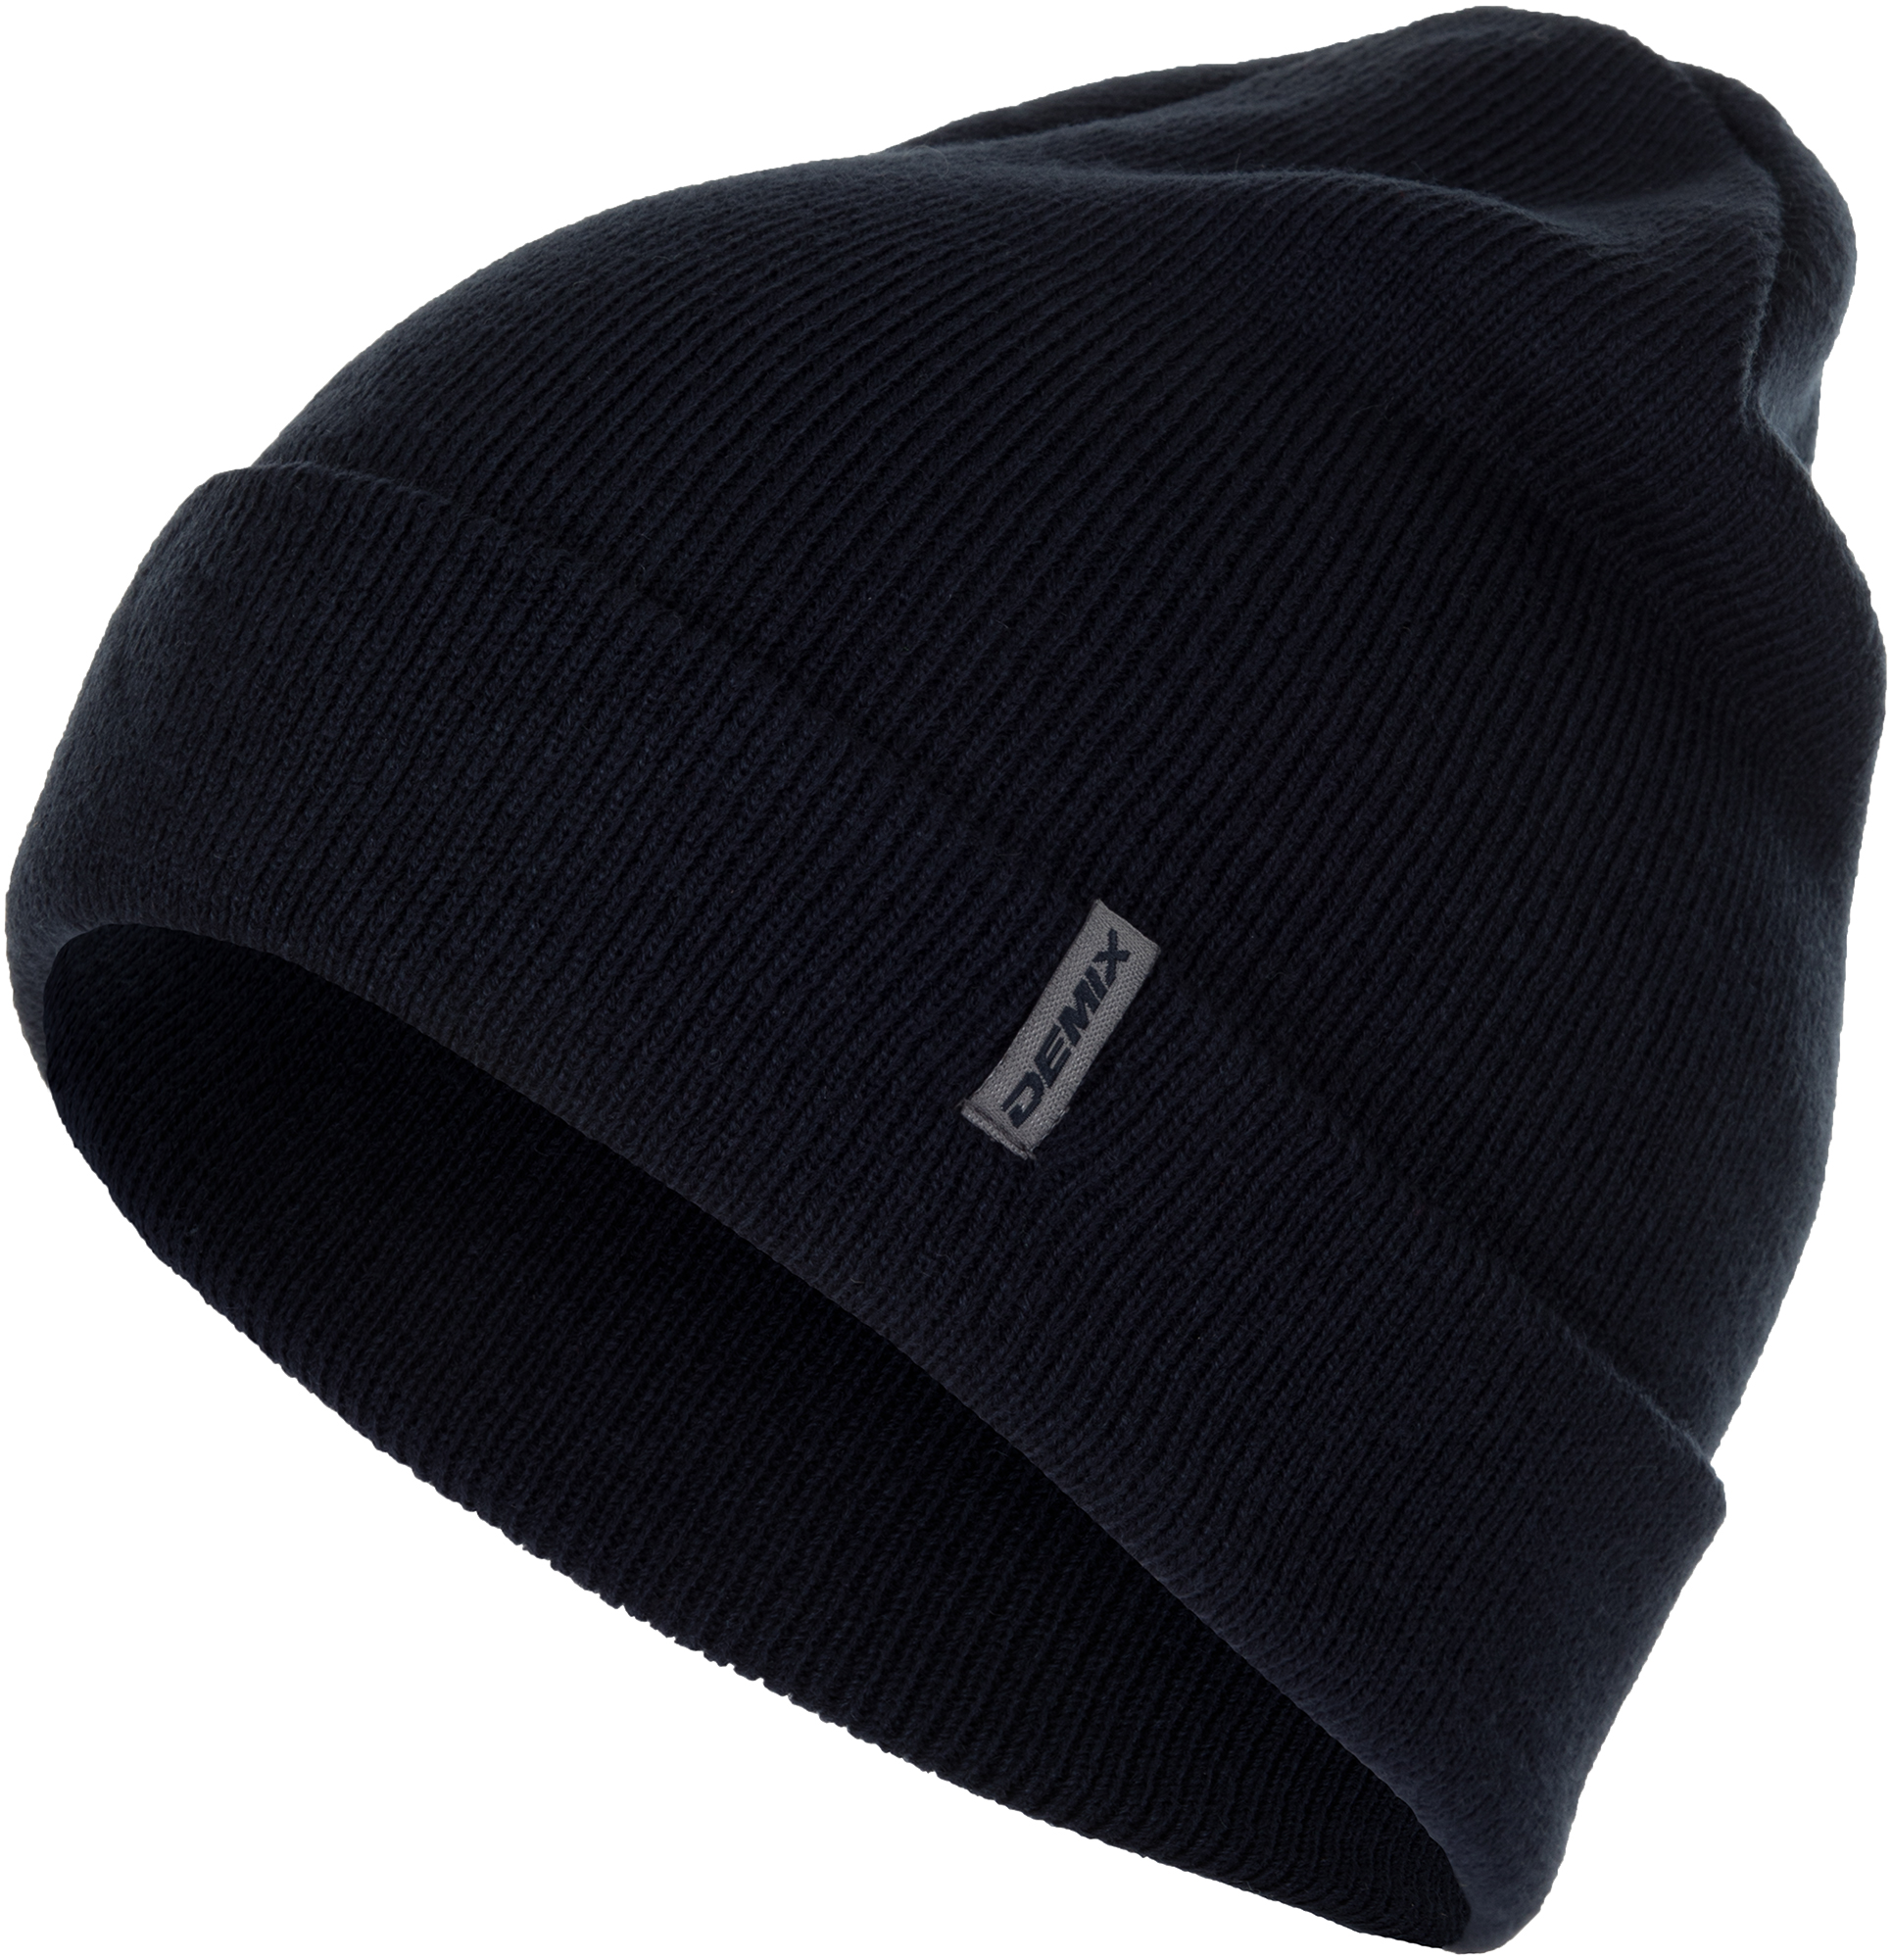 Demix Шапка для мальчиков Demix, размер 54 demix шапка для девочек demix размер 54